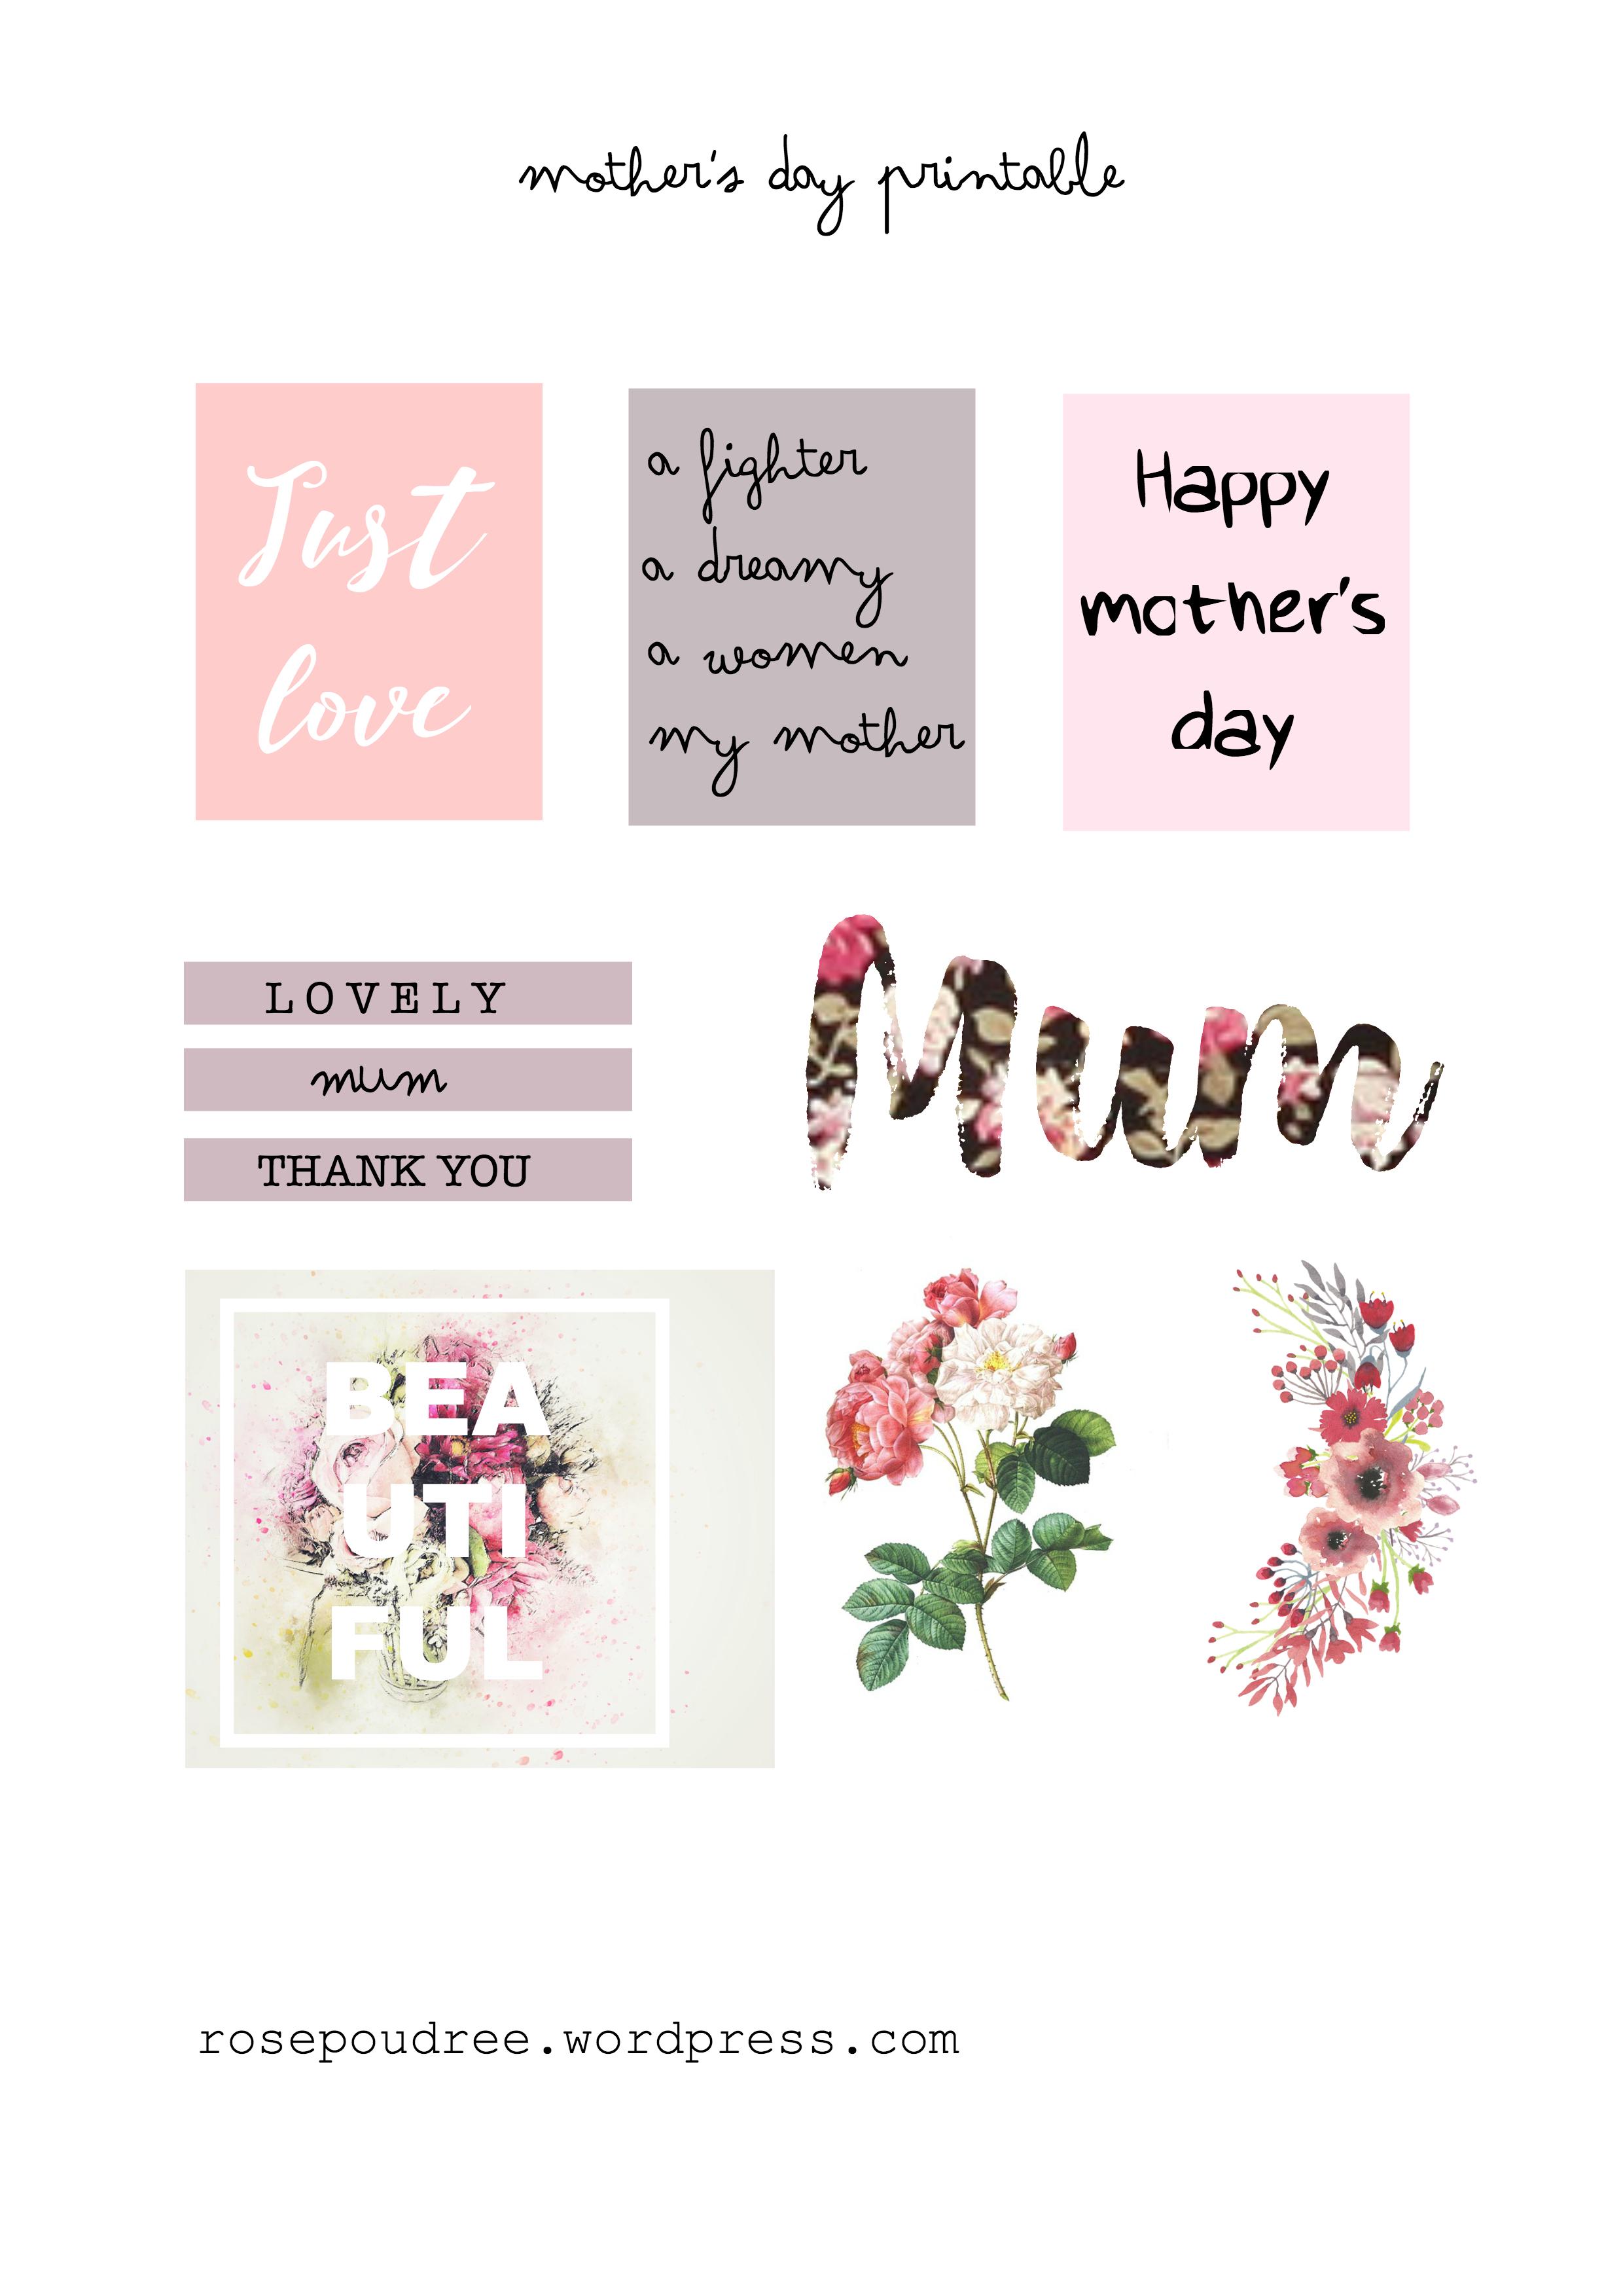 Free Printable Flowers | Printable Gratuit Pour La Fête Des Mères - Free Printable Flowers